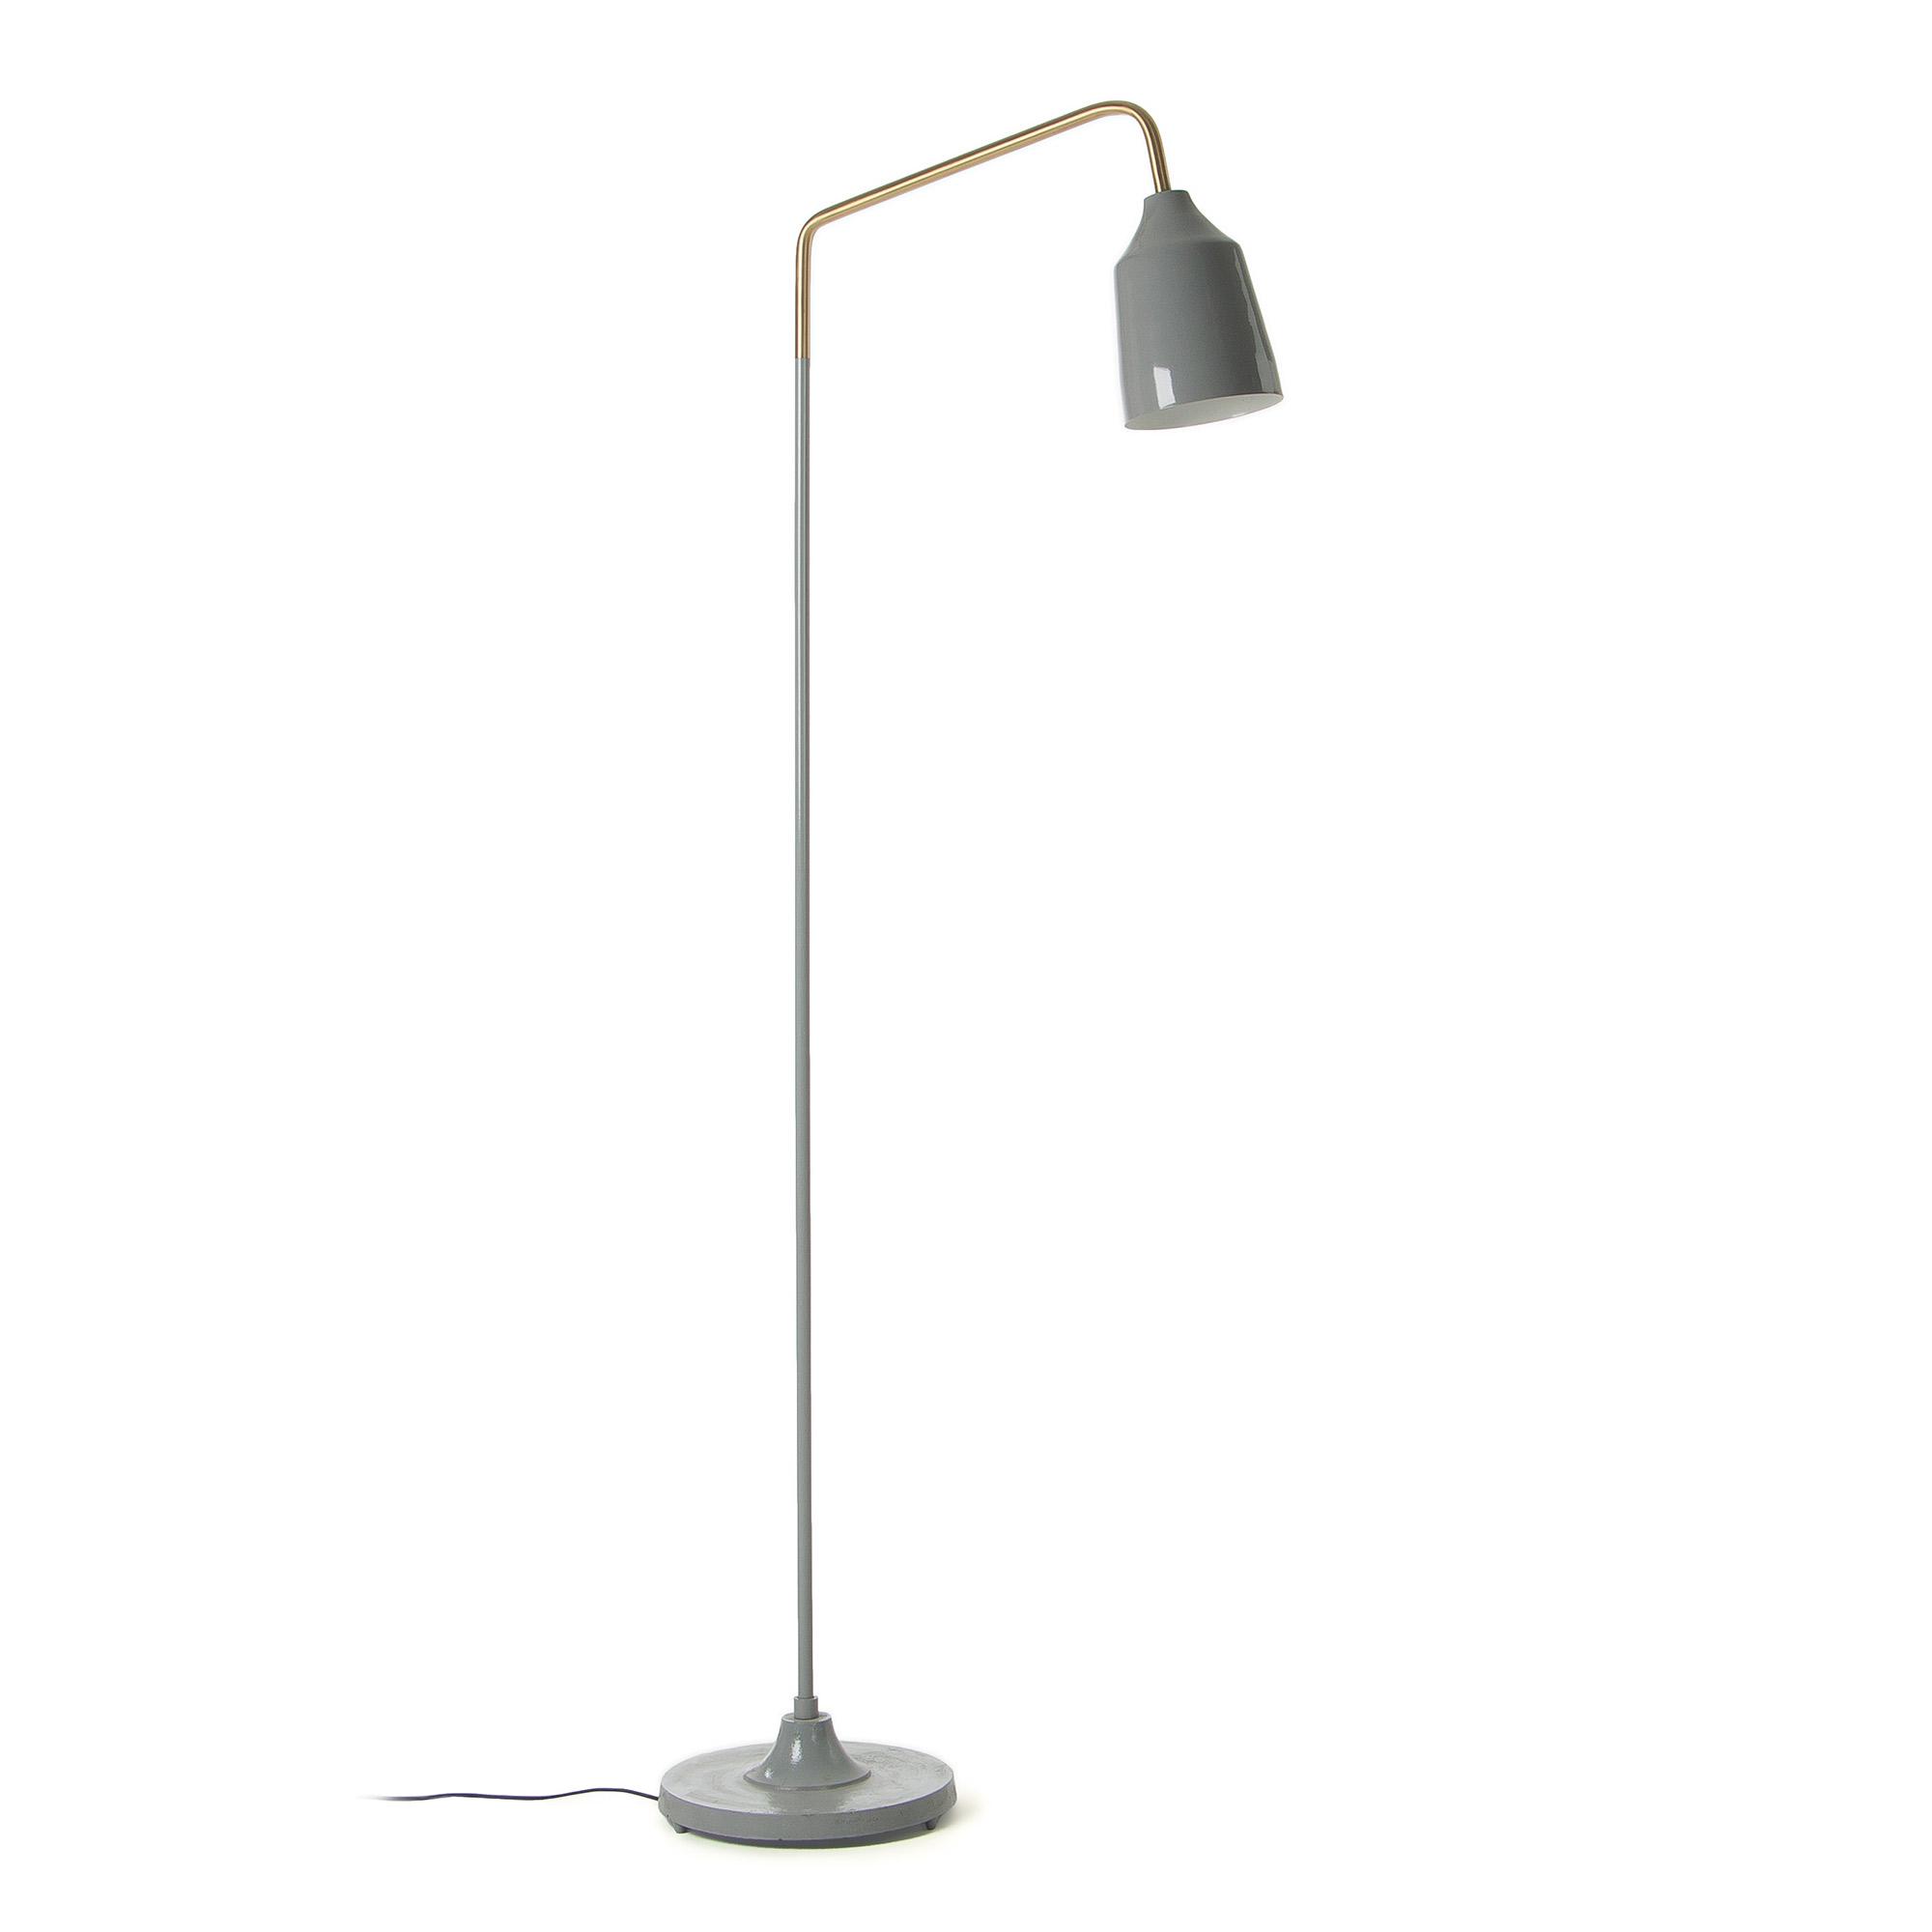 Beck gulvlampe - grå metal